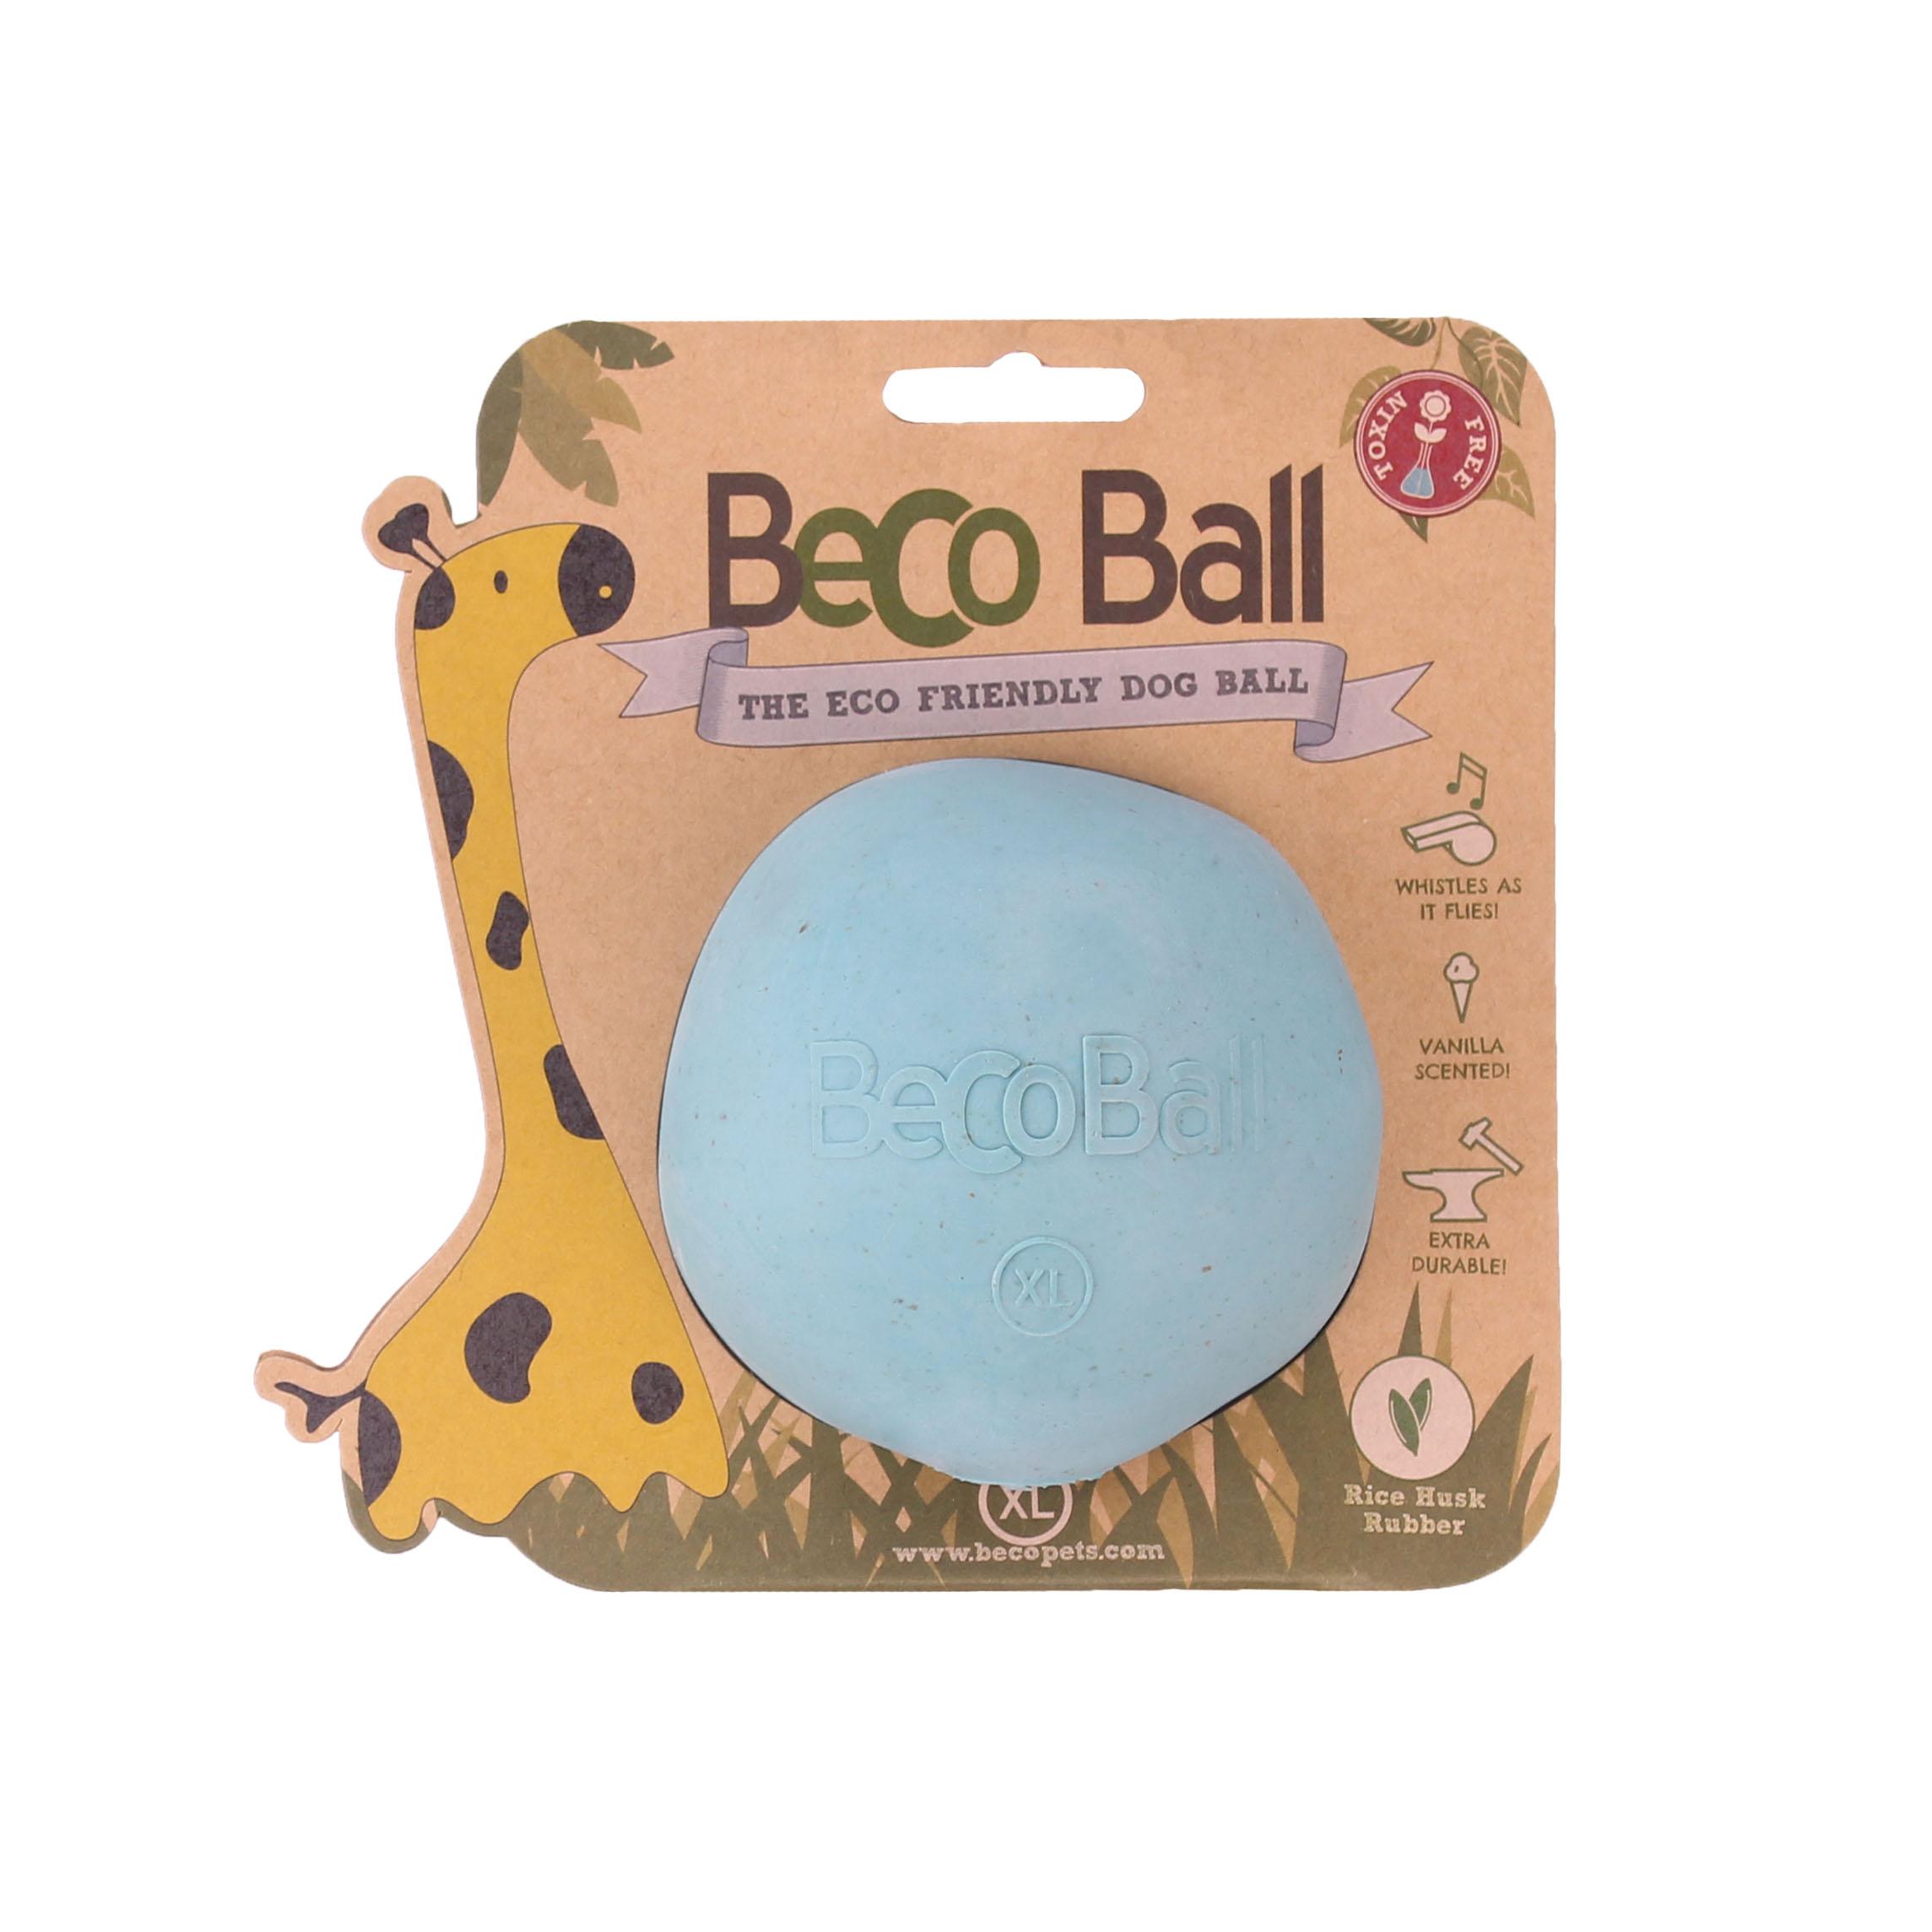 Beco Ball Dog Toy Dog Toy, Blue, Large